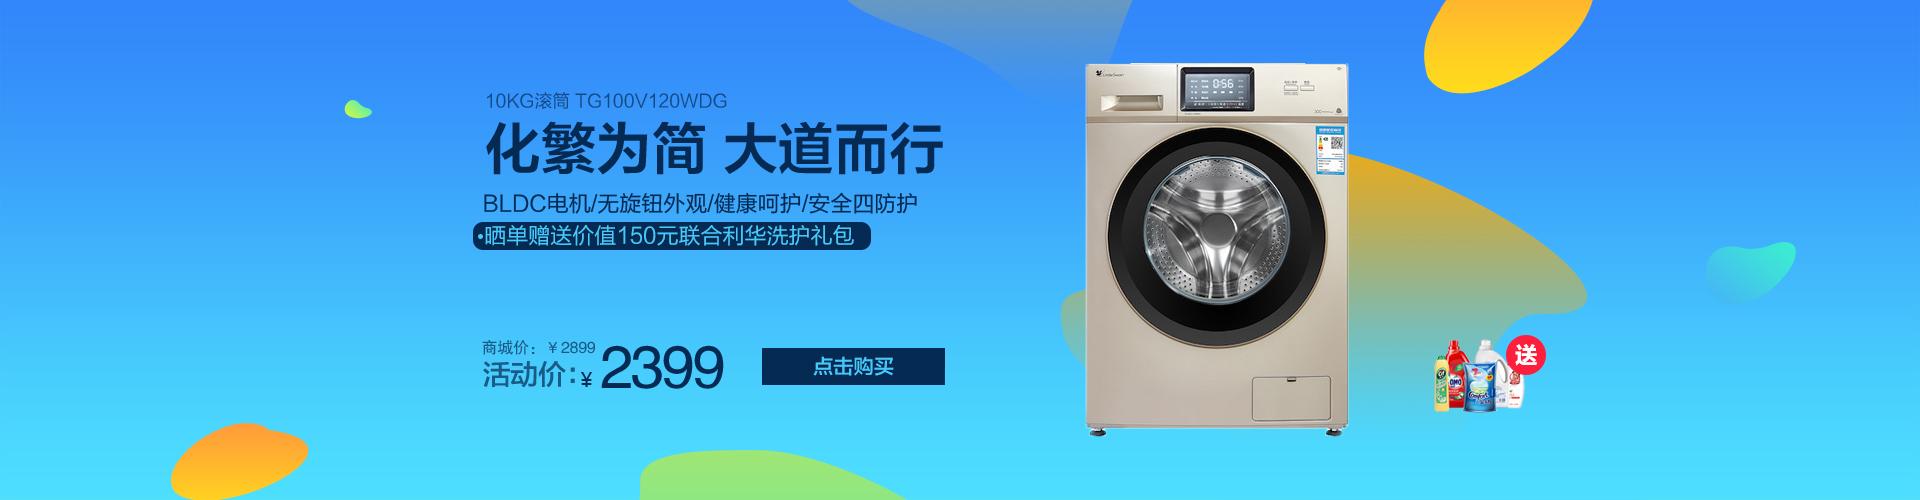 10公斤智能滚筒洗衣机 TG100V120WDG